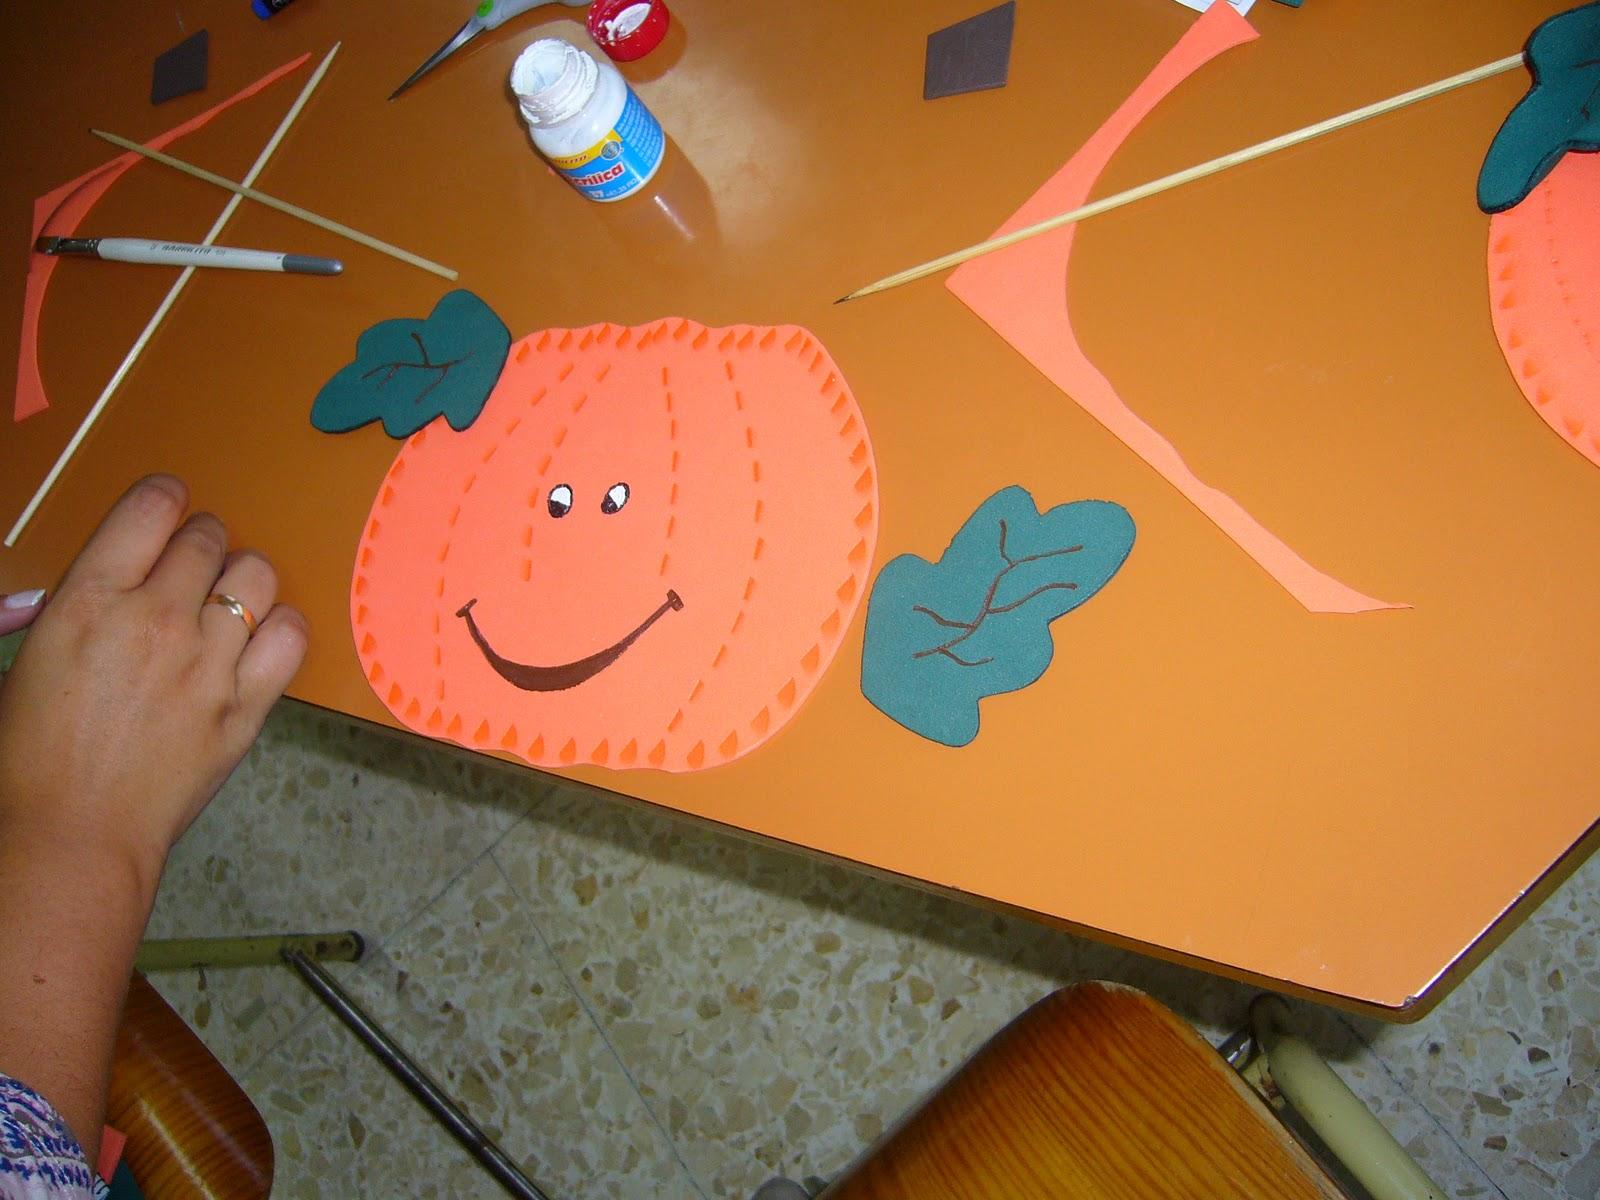 http://4.bp.blogspot.com/_UwtWR98eE-g/TKhbgZrMt6I/AAAAAAAAA-U/XC2PoehoQDQ/s1600/curso+Trabada-Lugo+015.JPG